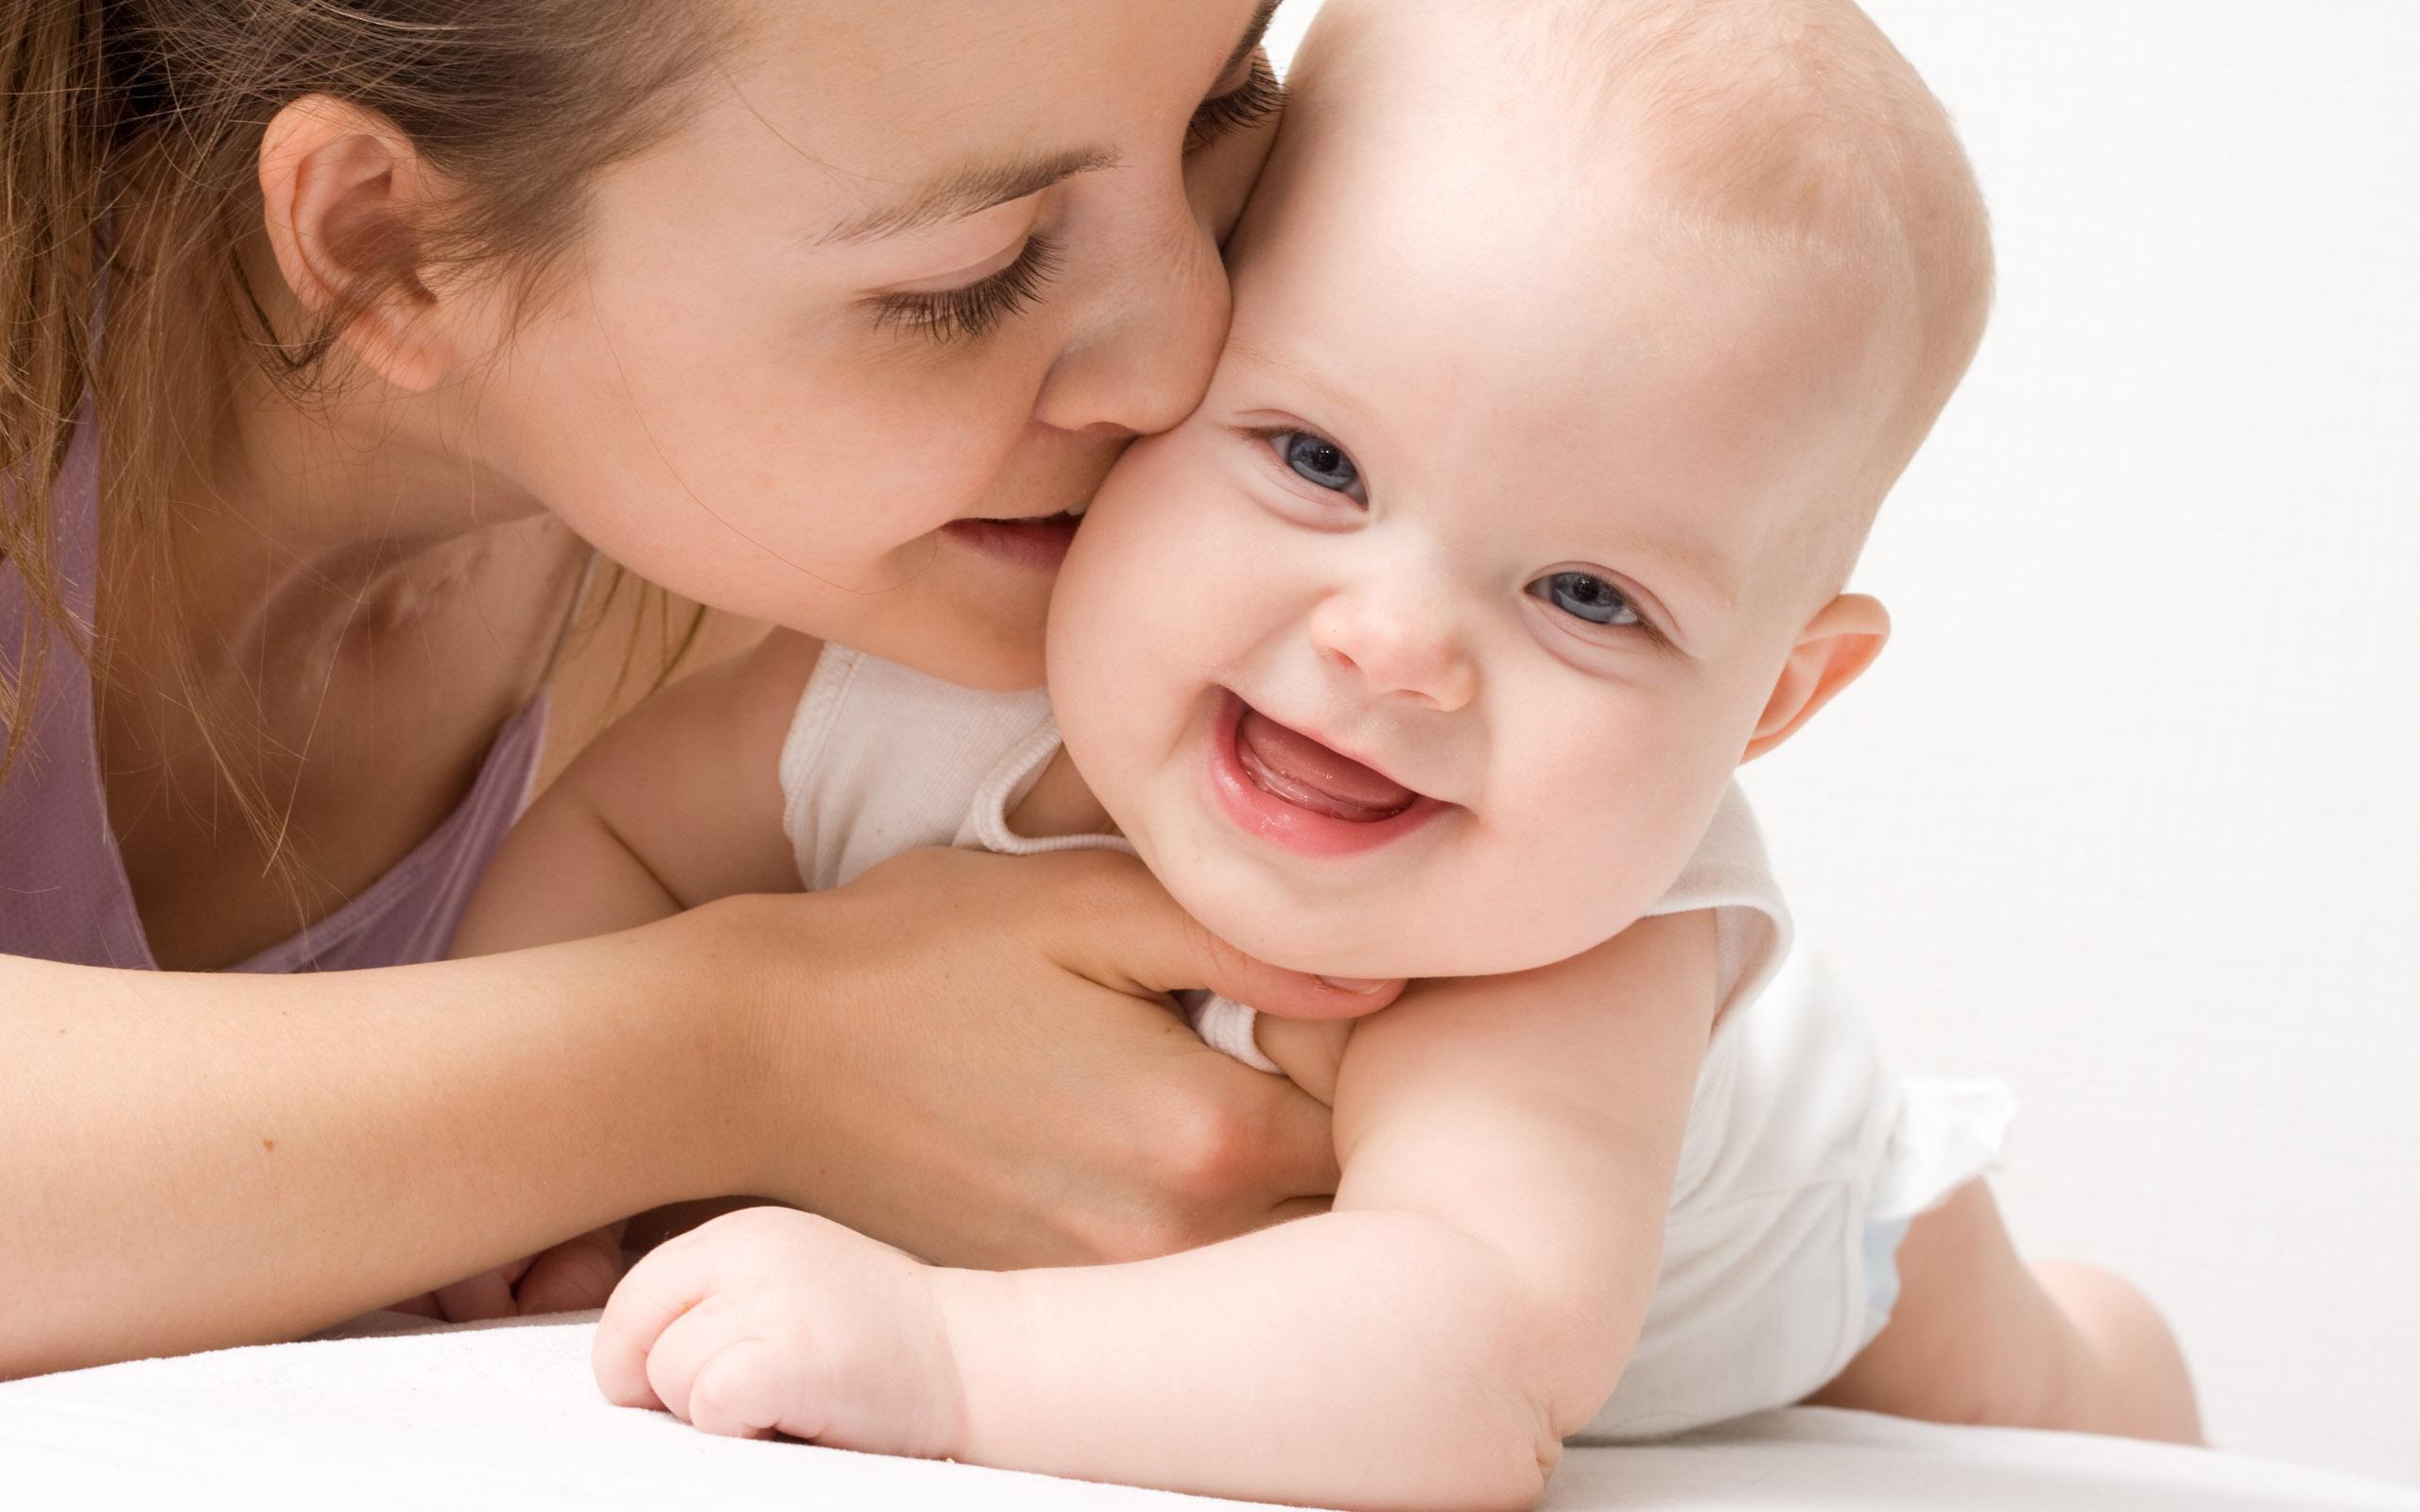 赤ちゃんもママもベビーパウダーで天使肌☆おすすめパウダー10選のサムネイル画像